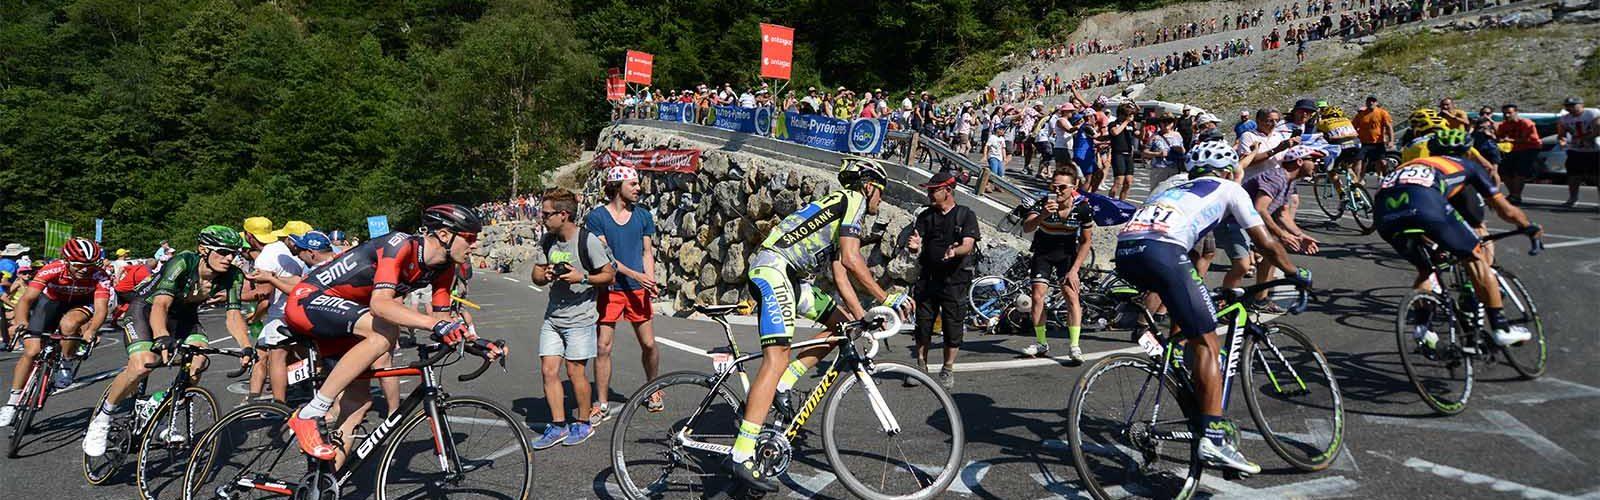 Tissot T-Race Cycling Tour de France Special Edition 2017